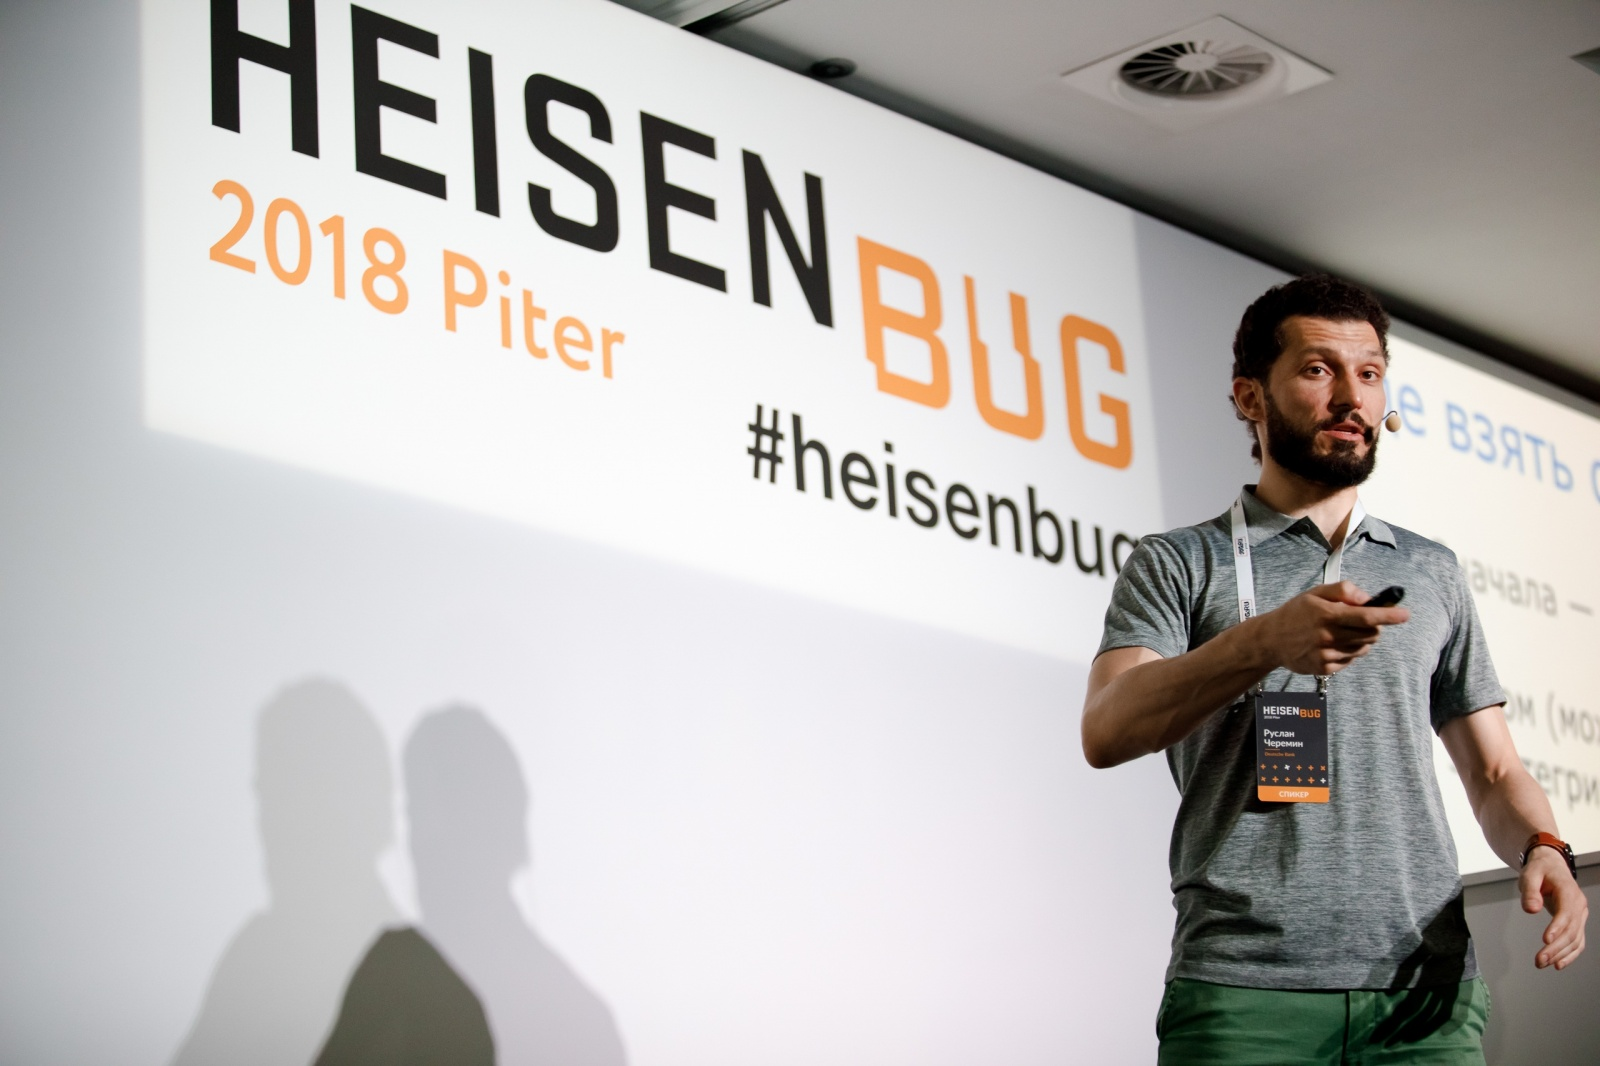 Дизайнерское тестирование: топ-10 докладов Heisenbug 2018 Piter - 1